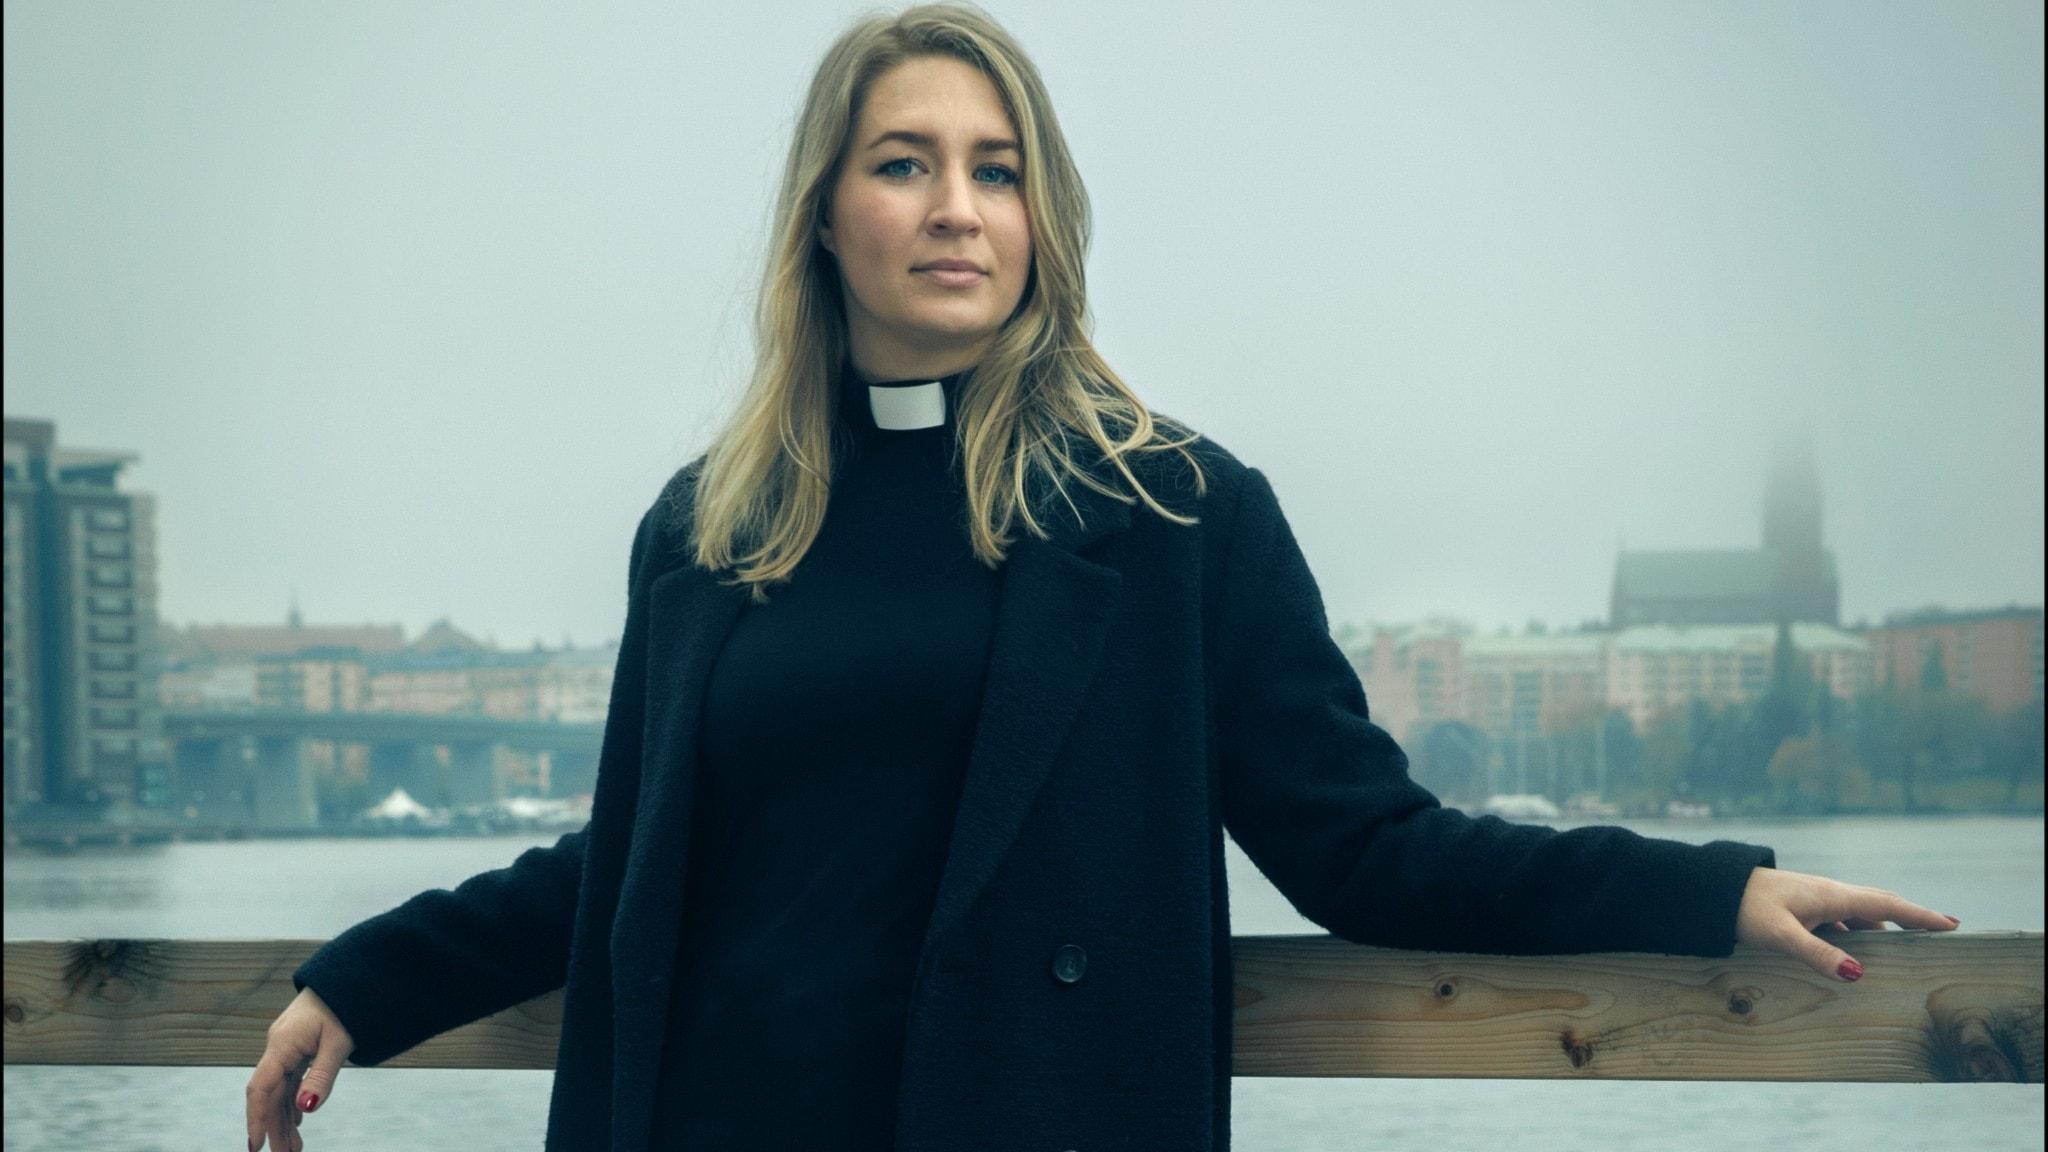 En ung kvinnlig pastor i prästkläder står på en bro med en stad i bakgrunden